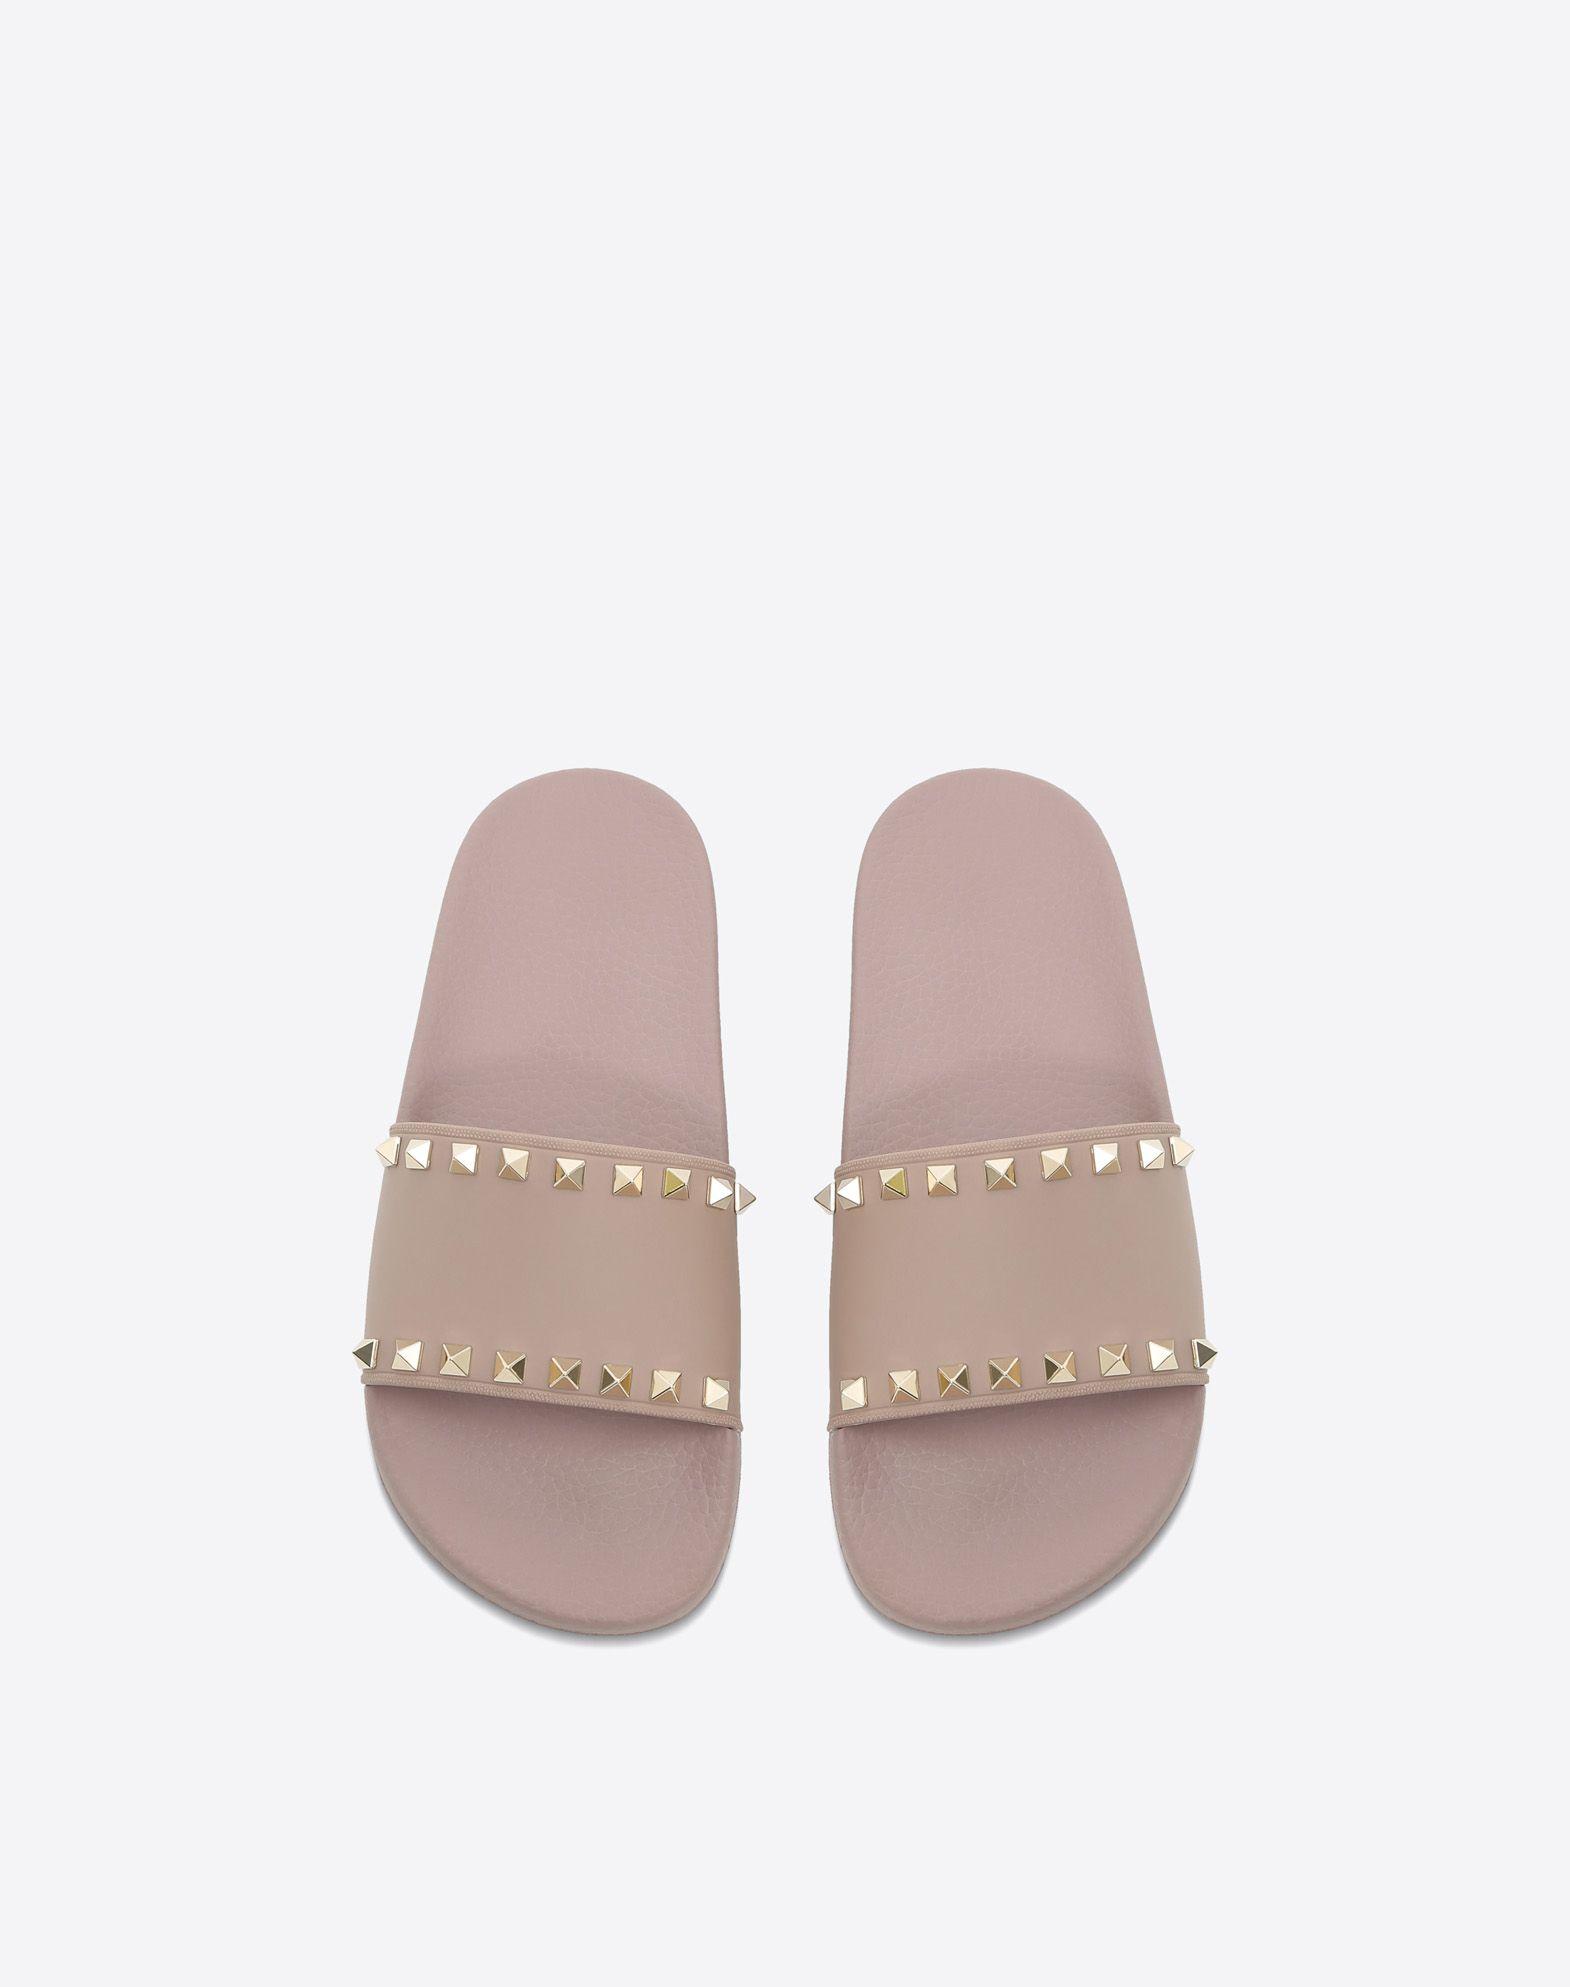 VALENTINO Rockstud PVC Slide Sandal SLIDE SANDAL D e